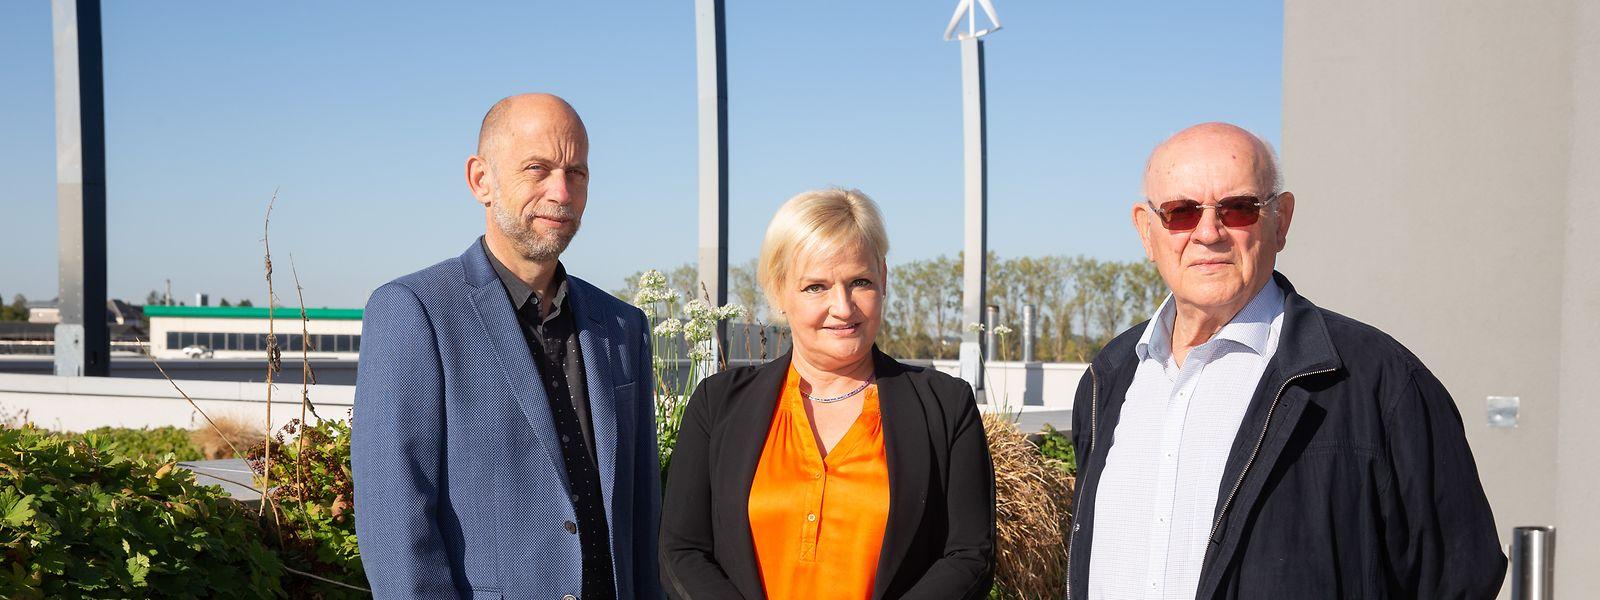 """Daniel Oringer, Martine Ehlinger und Marcel Ehlinger (v.l.n.r.) stehen hinter der """"Group Schuler"""". Sie gehören zu den Großen in der Immoblienbranche."""